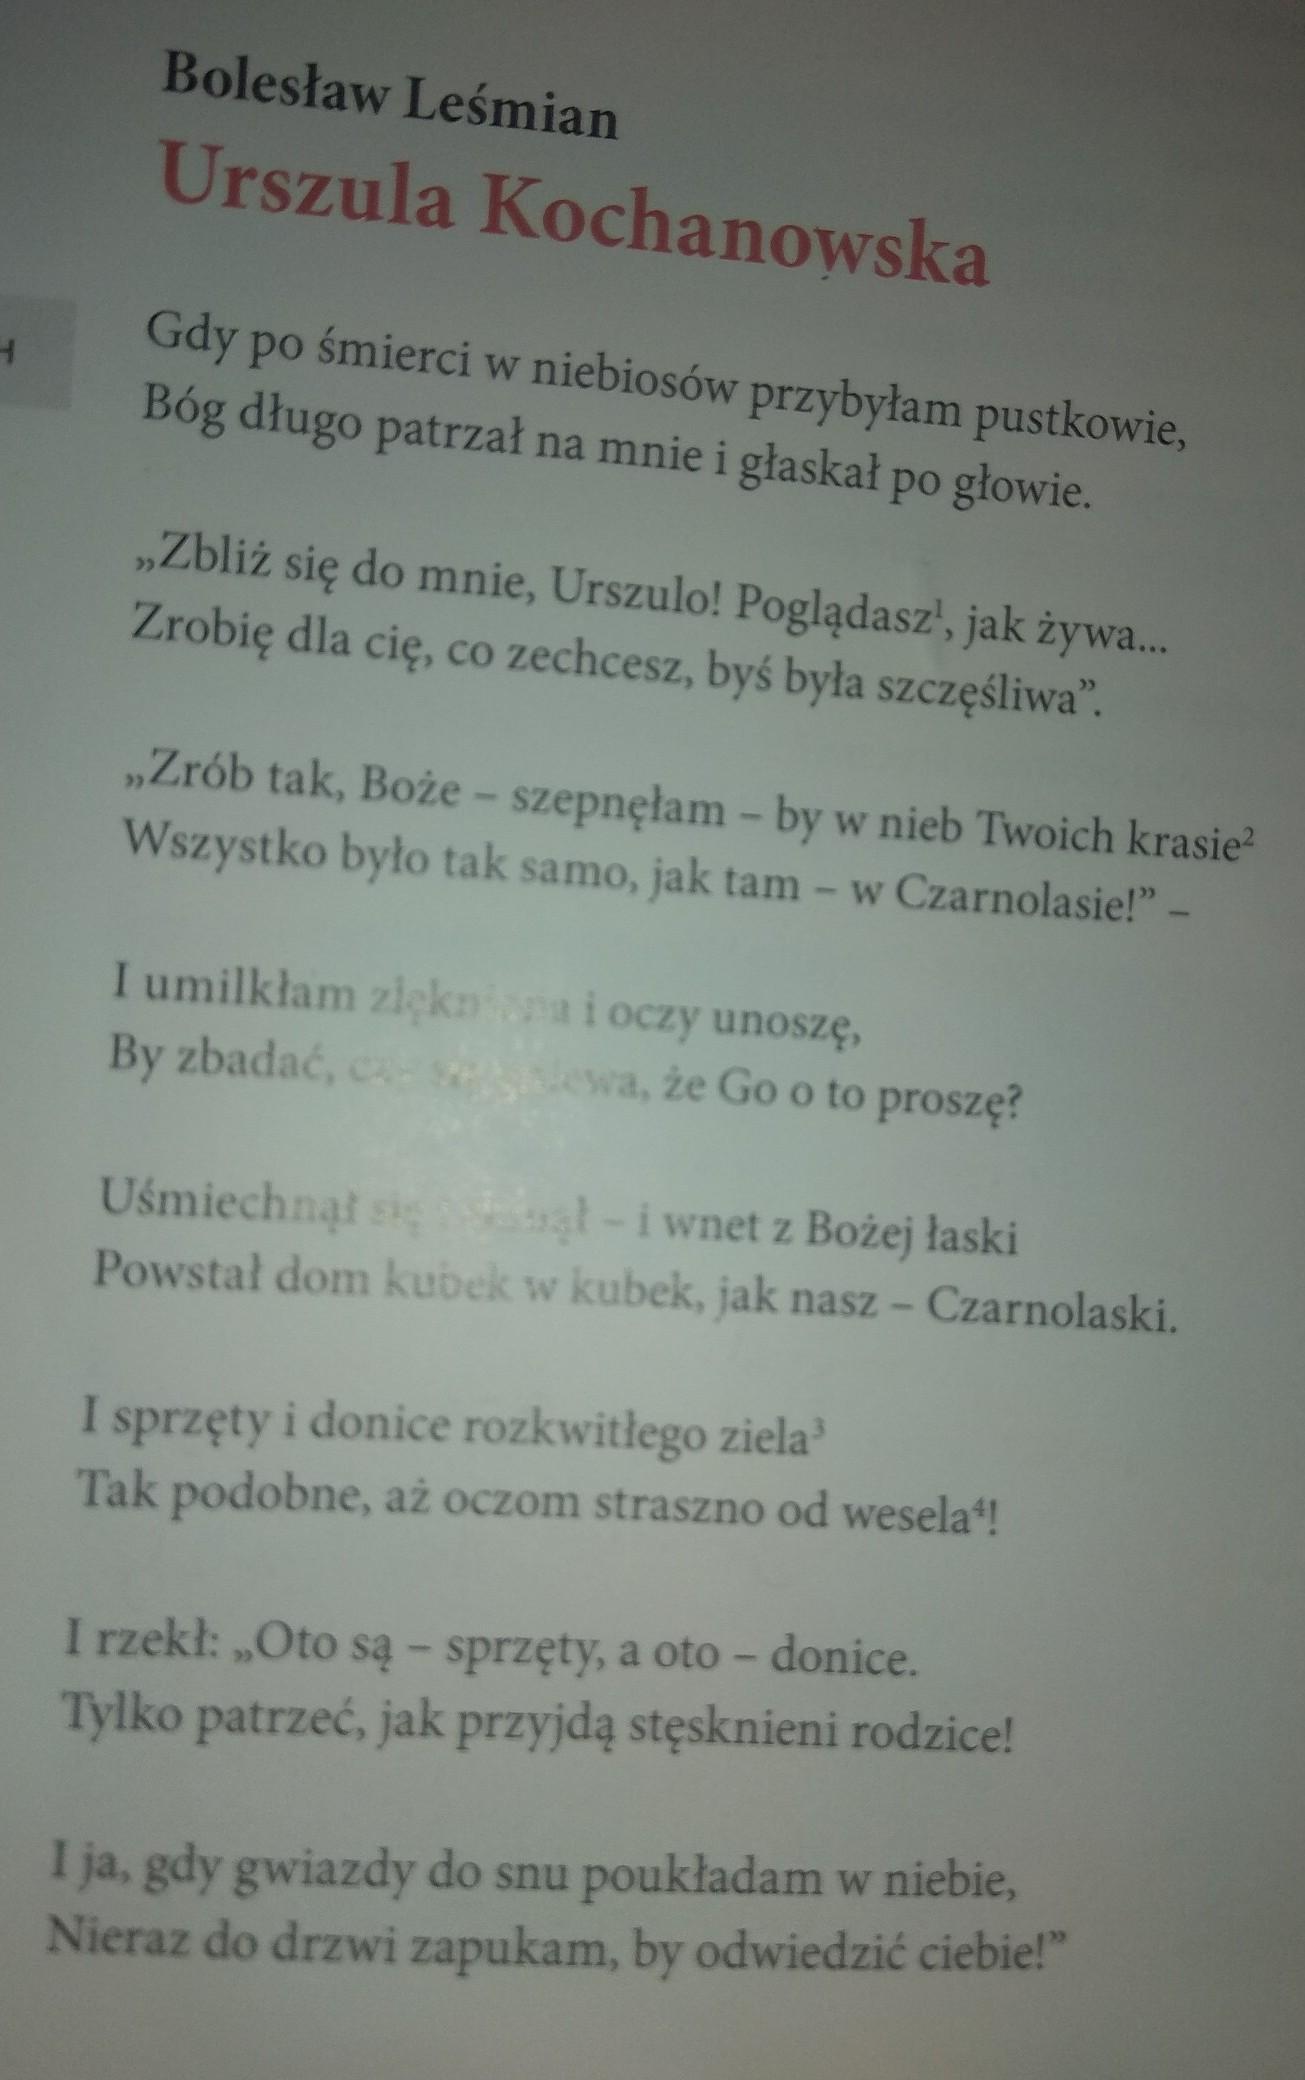 Jak Wygląda Urszula Kochanowska W Wierszu Bolesława Leśmiana